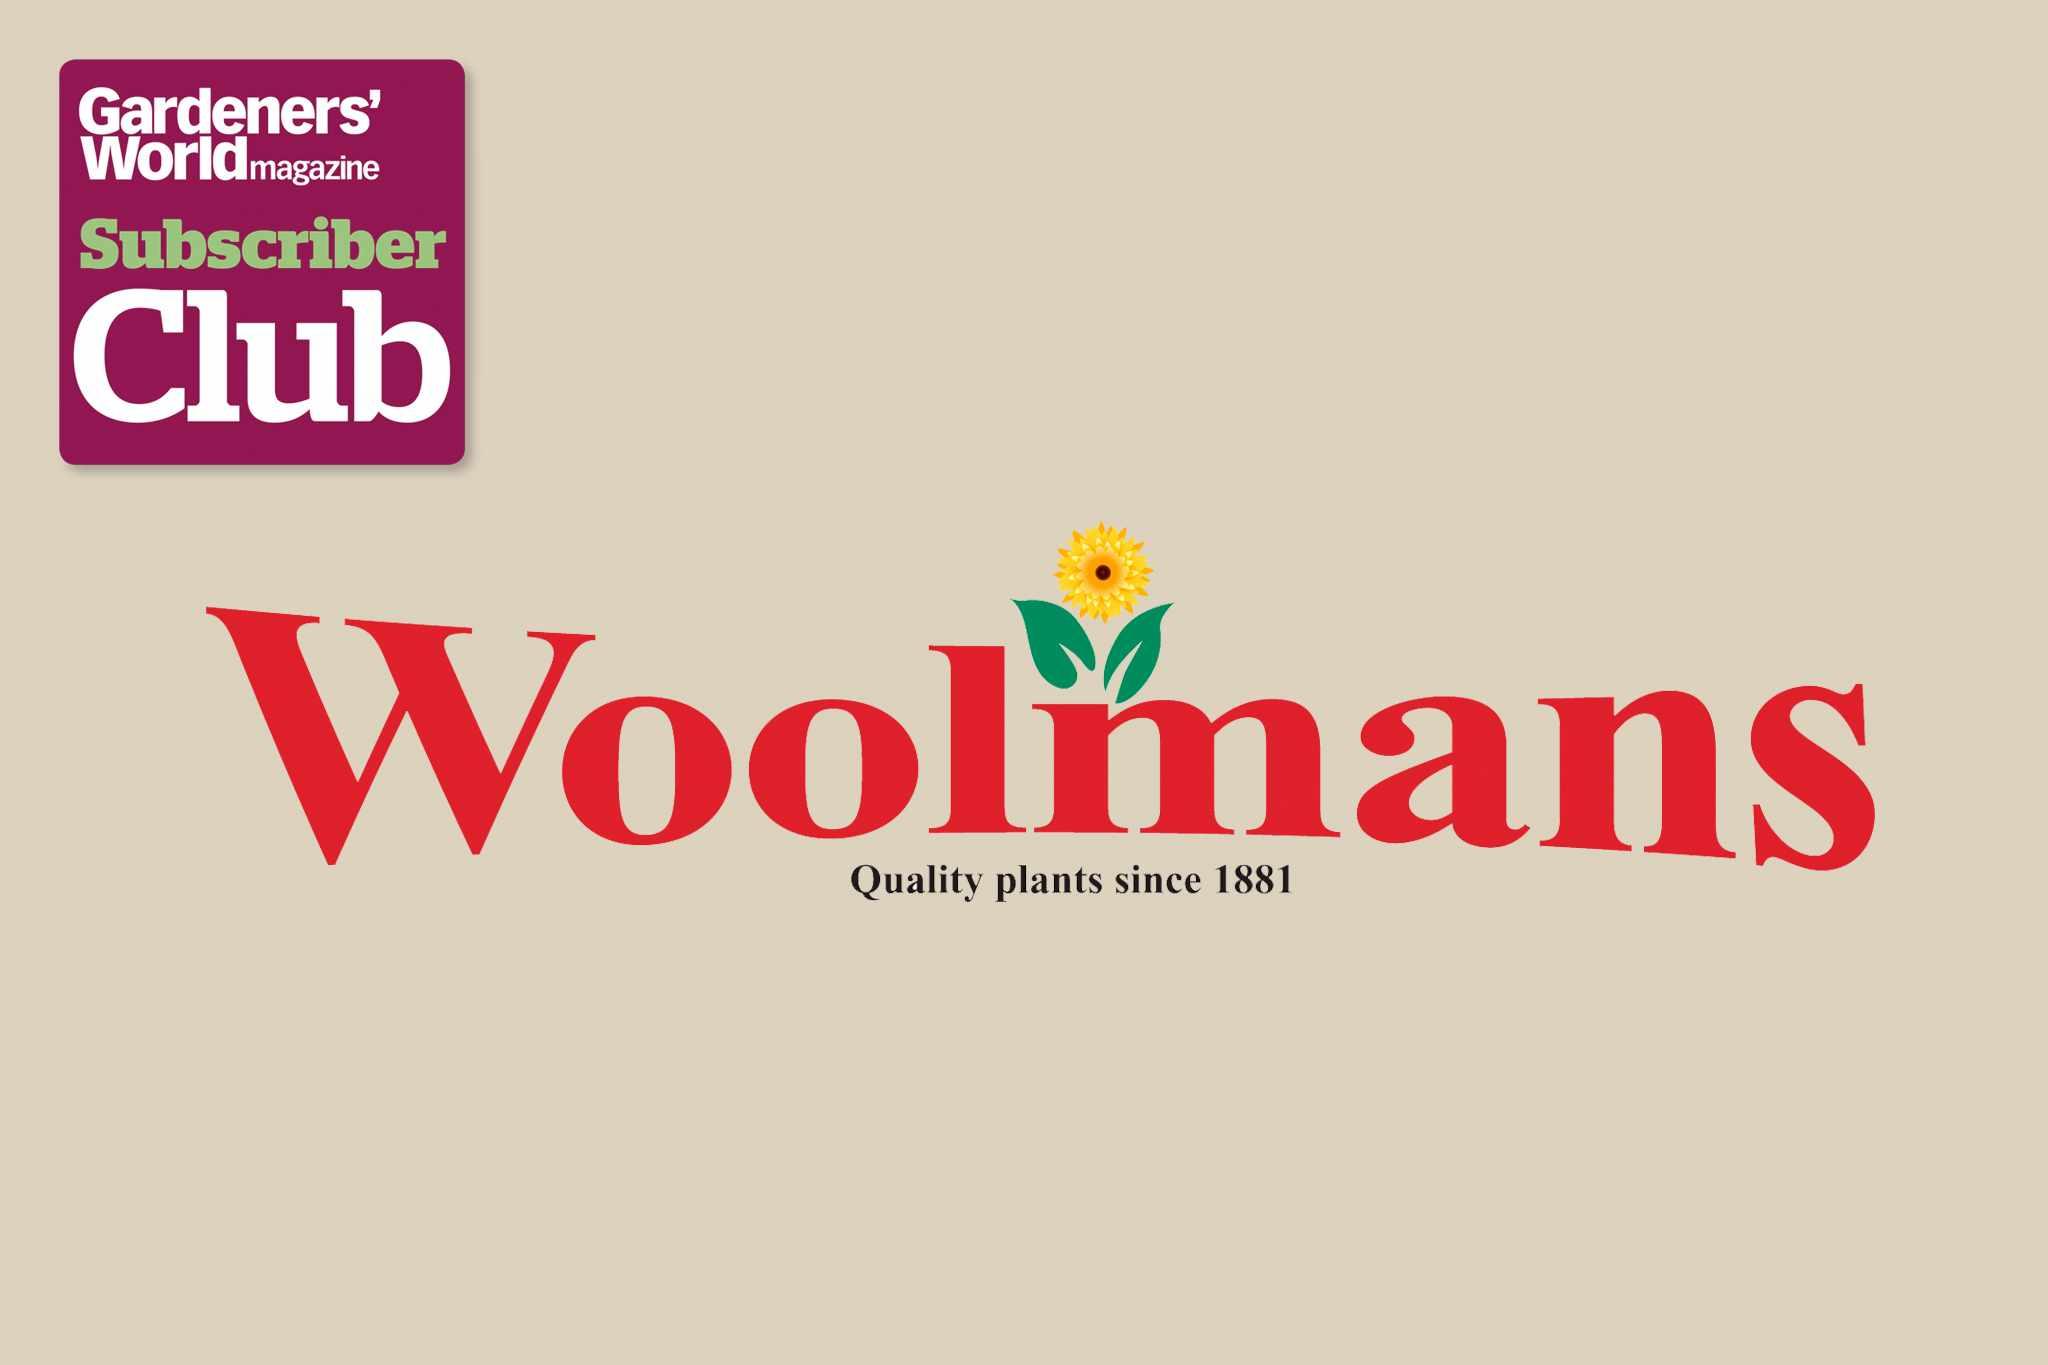 Woolmans BBC Gardeners' World Magazine Subscriber Club discount